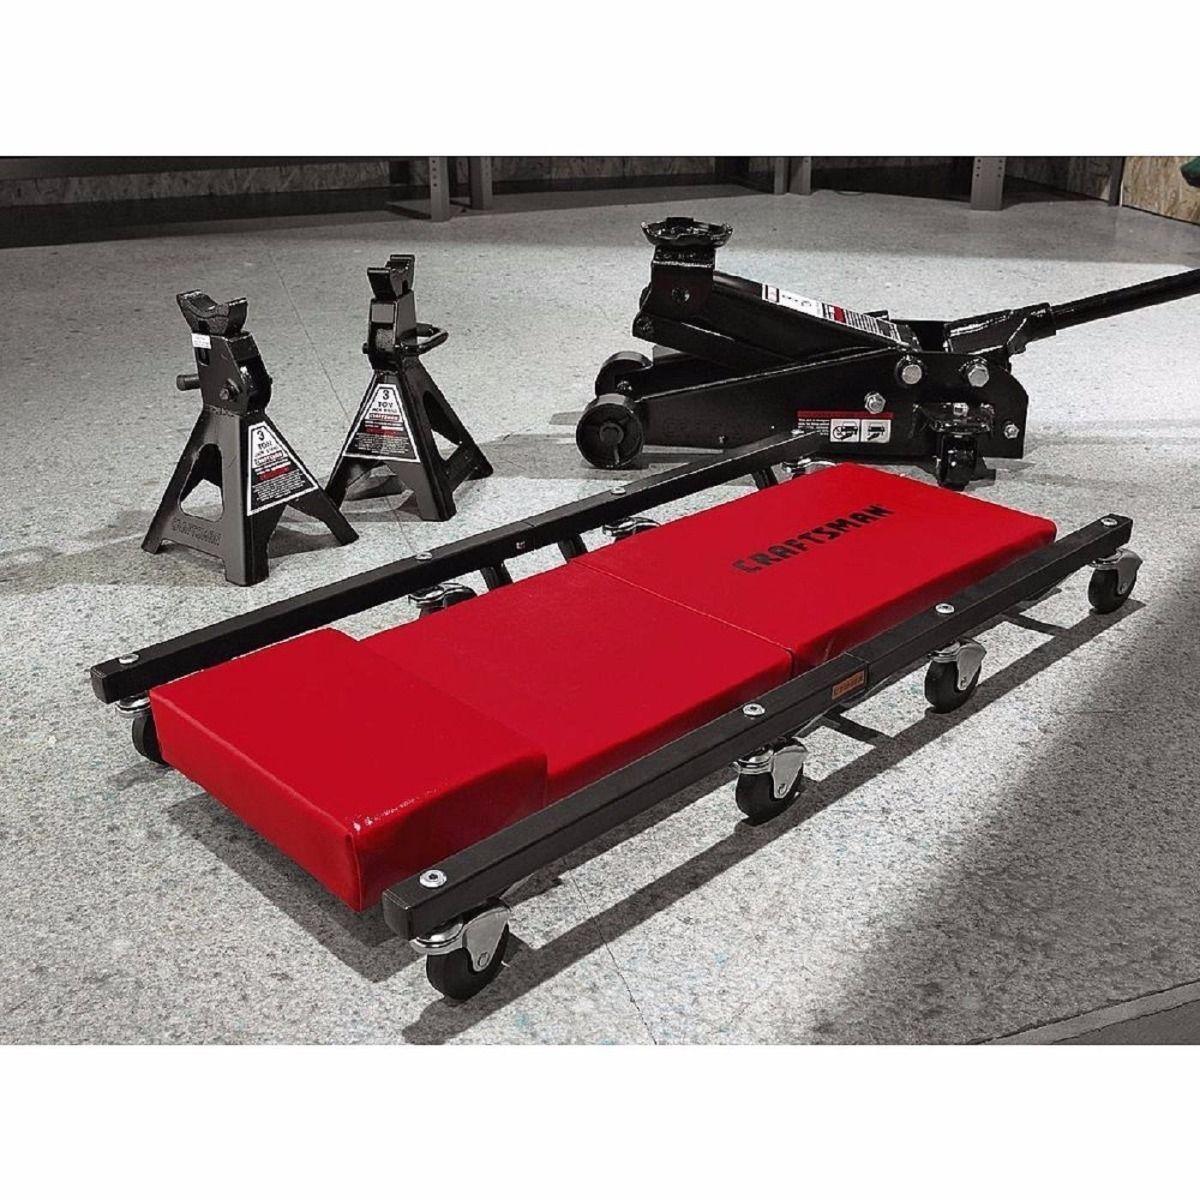 1000 In Ebay Motors Automotive Tools Supplies Shop Equipment Supplies Jack Stands Floor Jack Craftsman